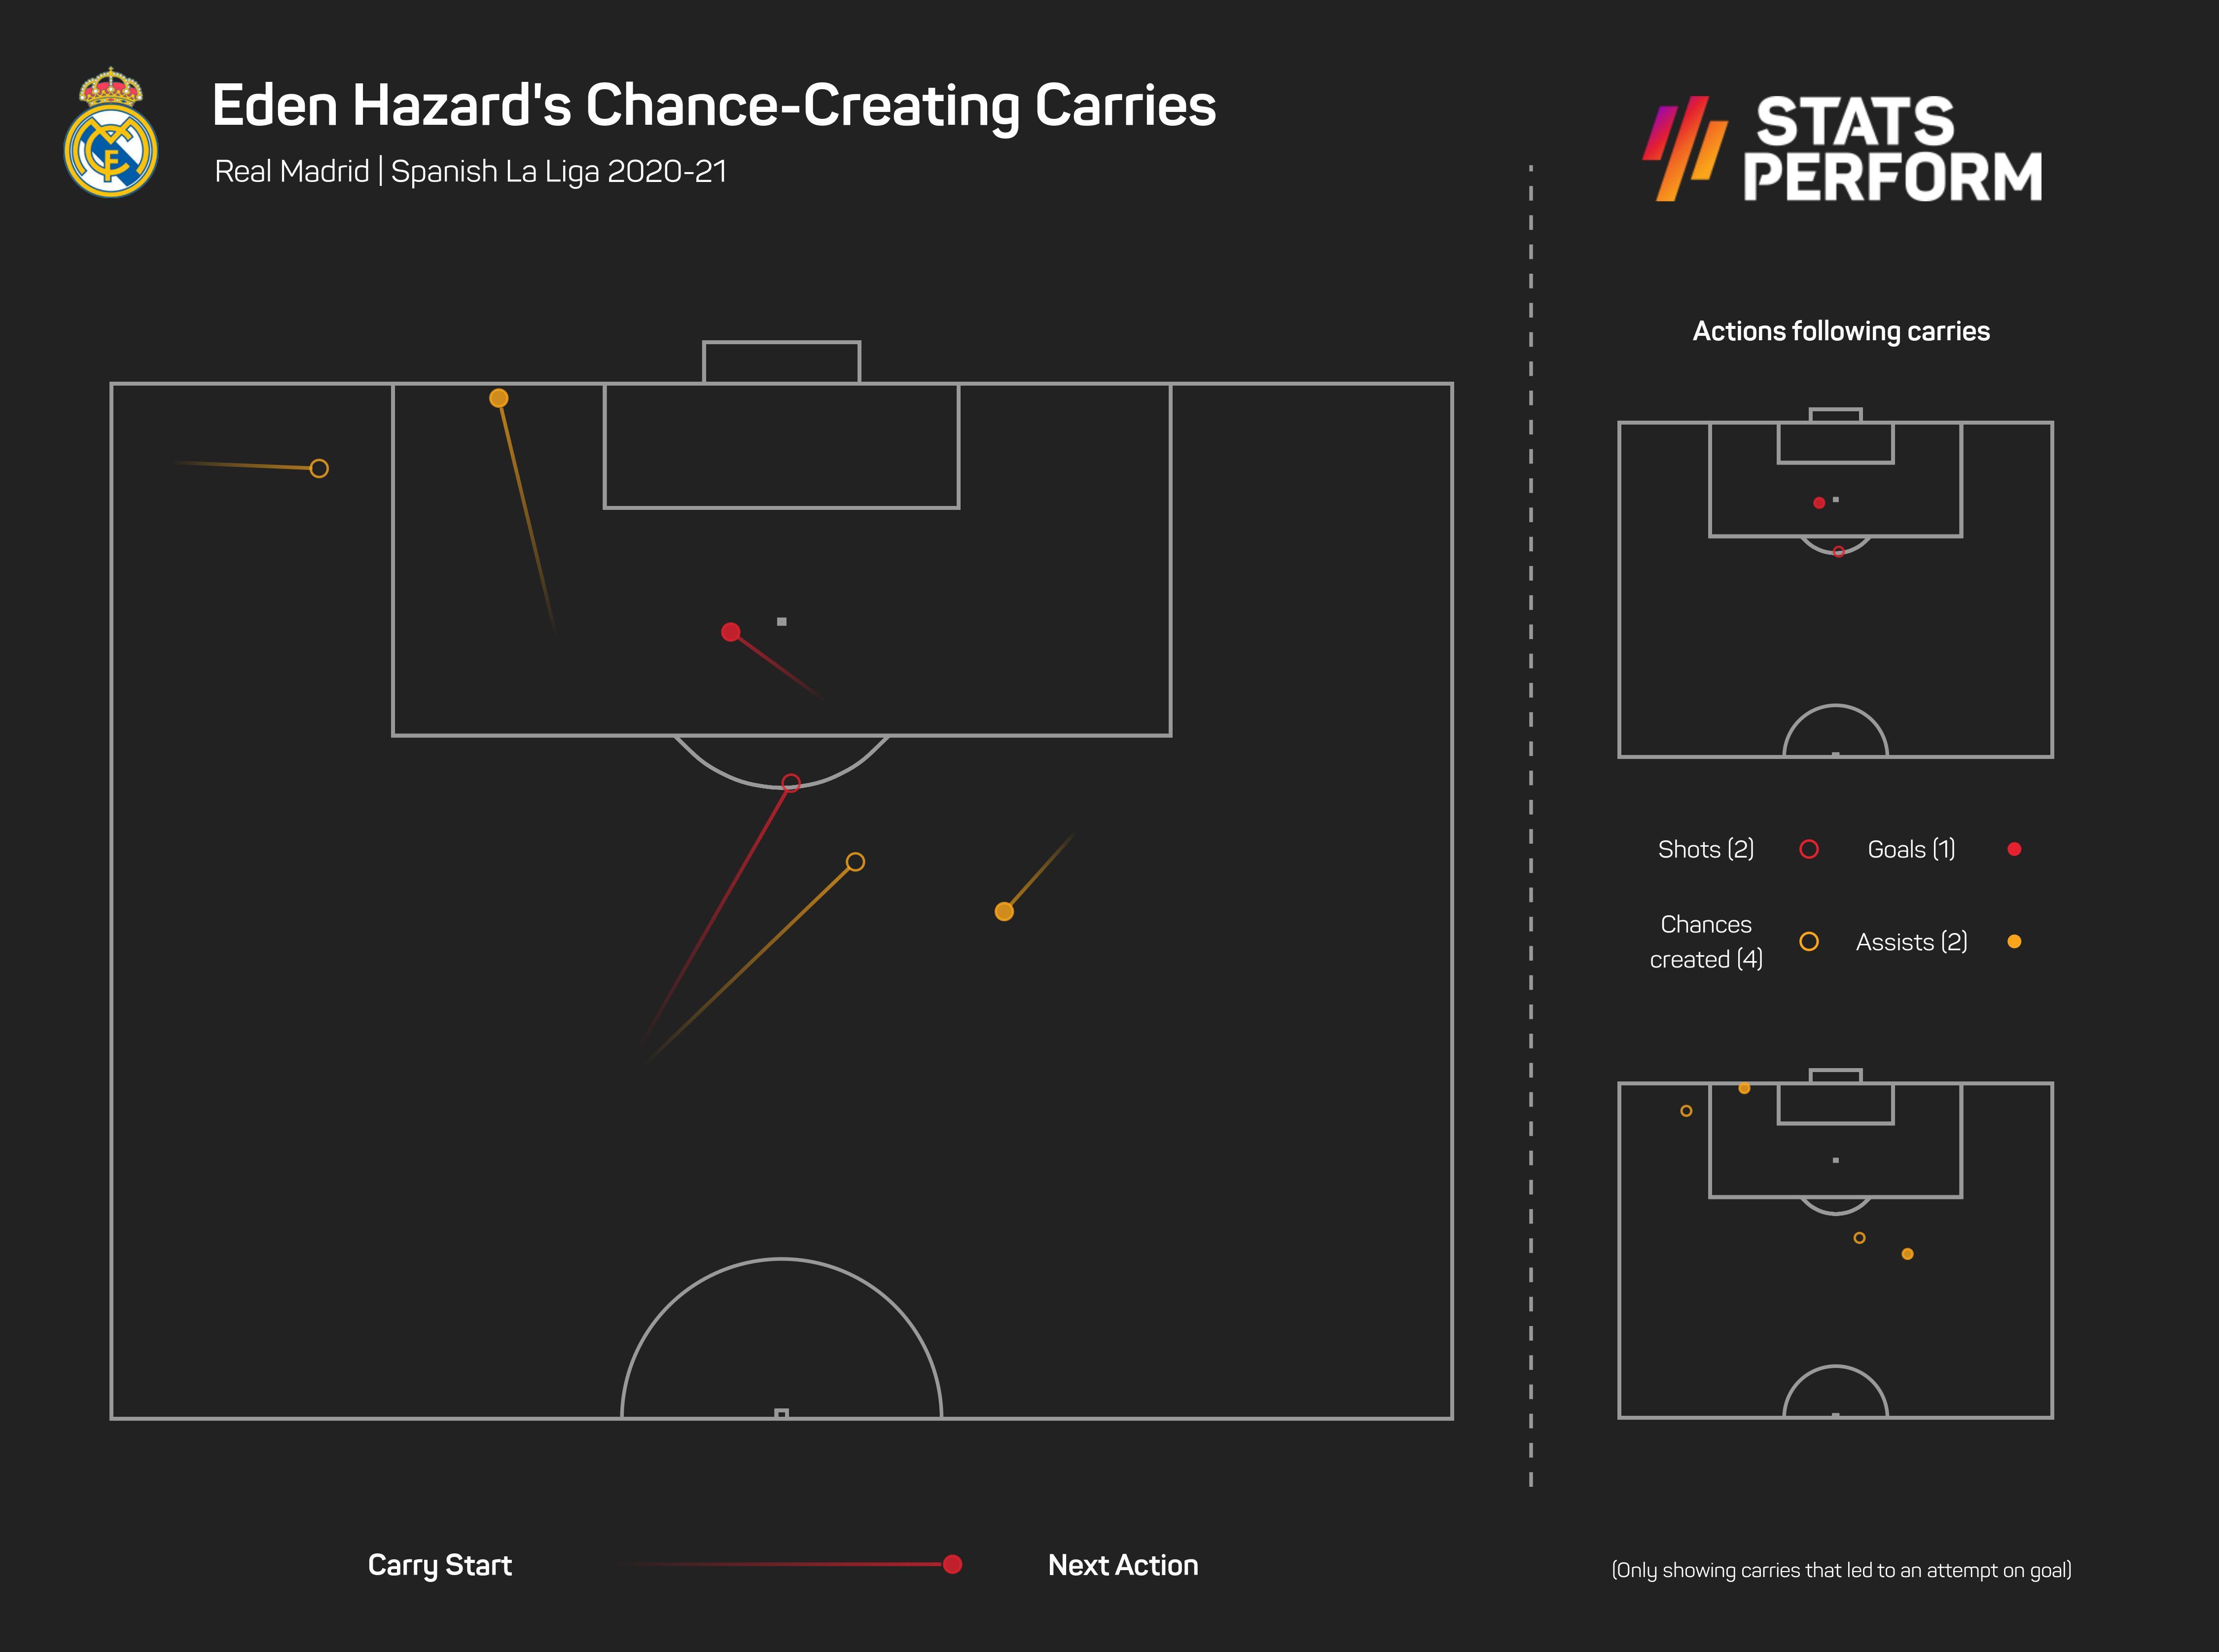 Eden Hazard chance-creating carries 2020-21